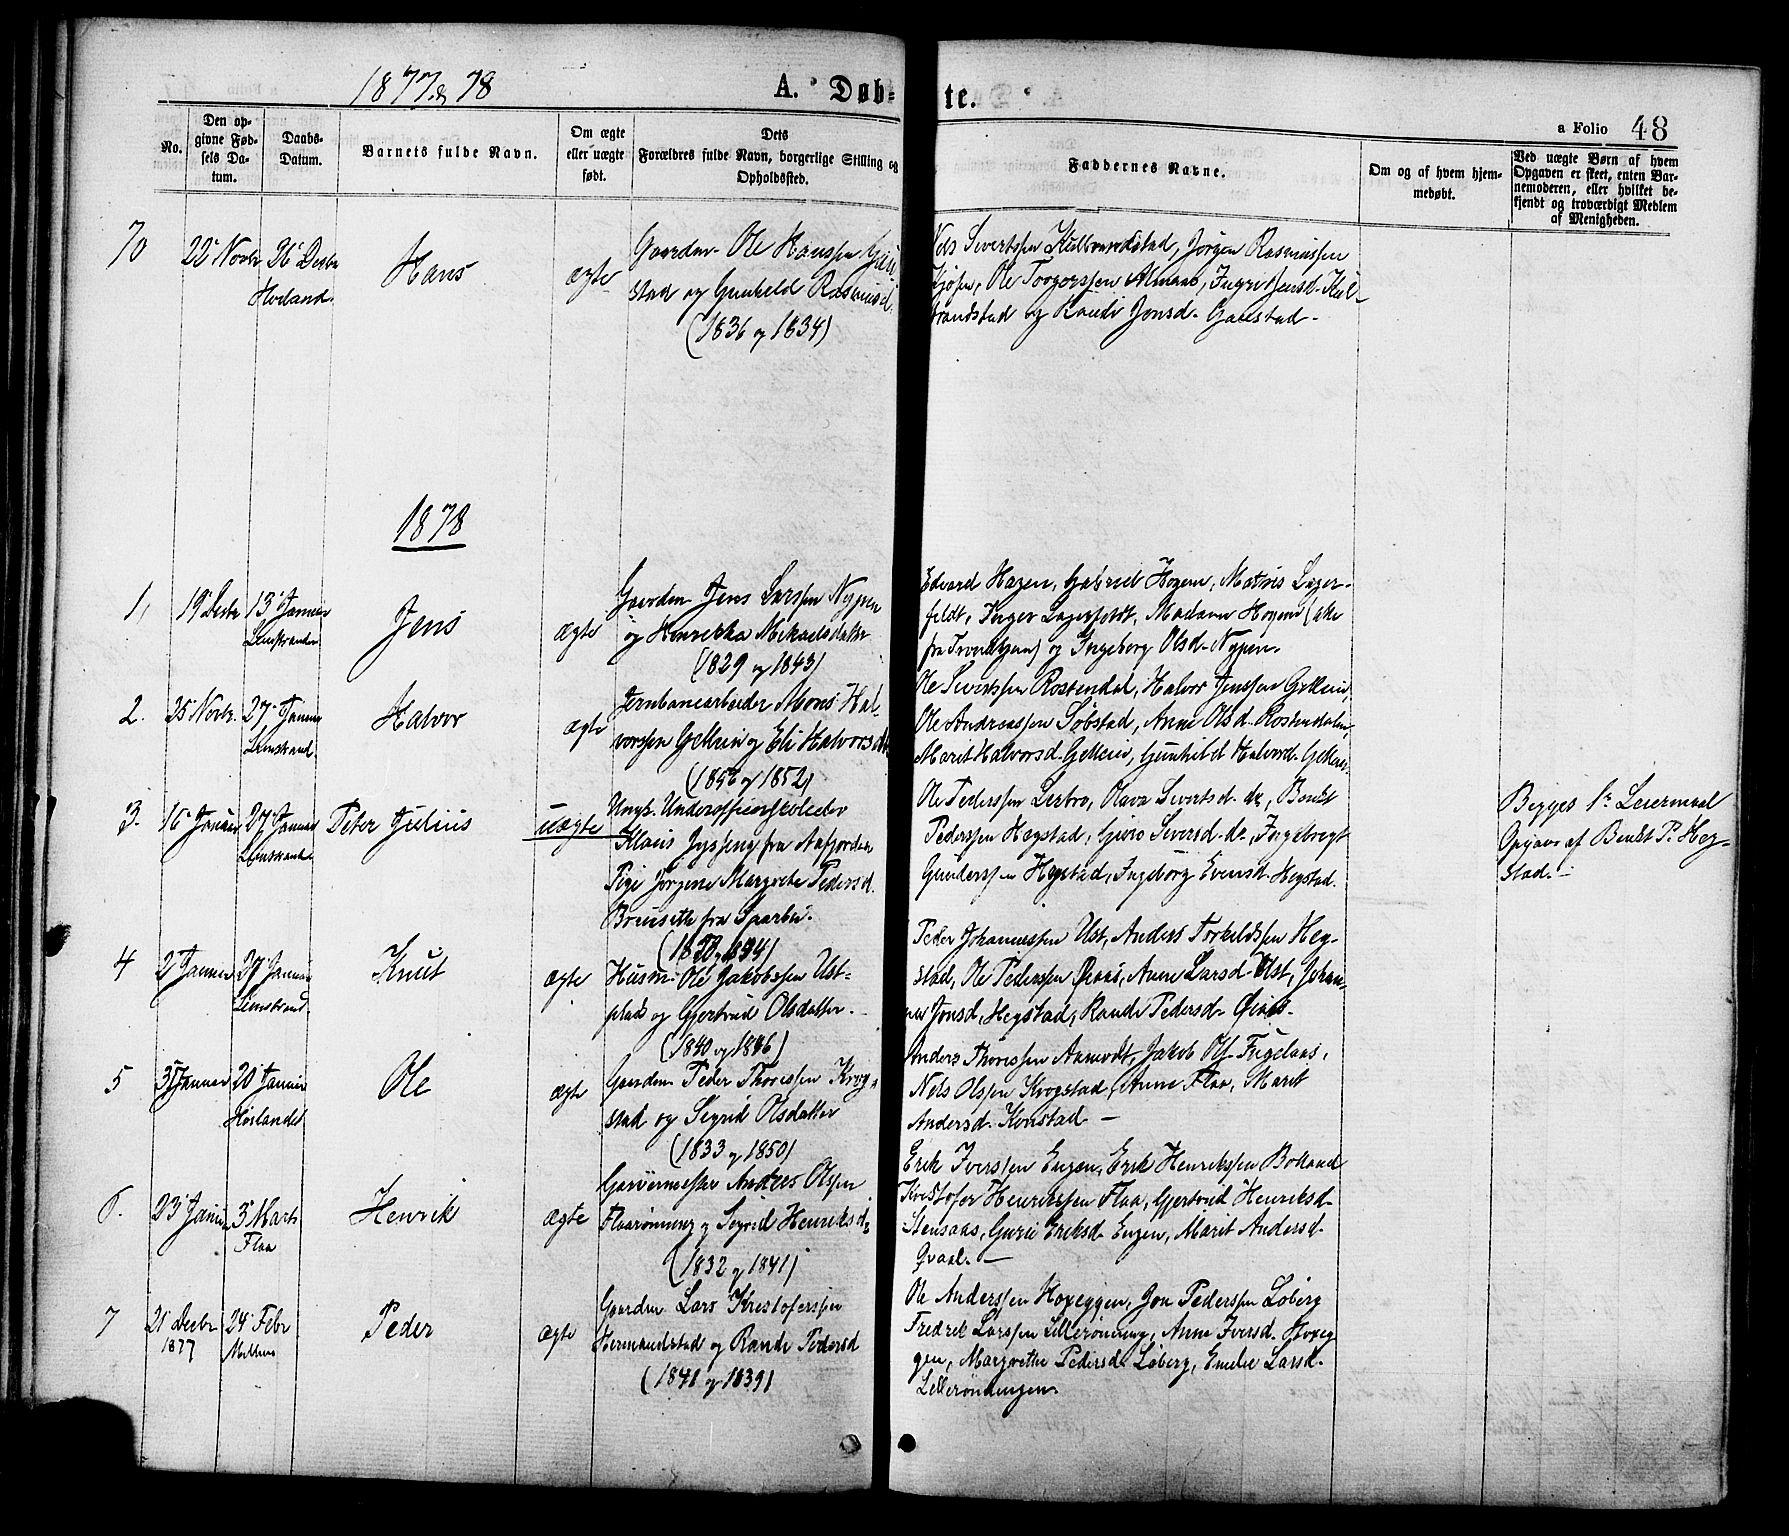 SAT, Ministerialprotokoller, klokkerbøker og fødselsregistre - Sør-Trøndelag, 691/L1079: Ministerialbok nr. 691A11, 1873-1886, s. 48